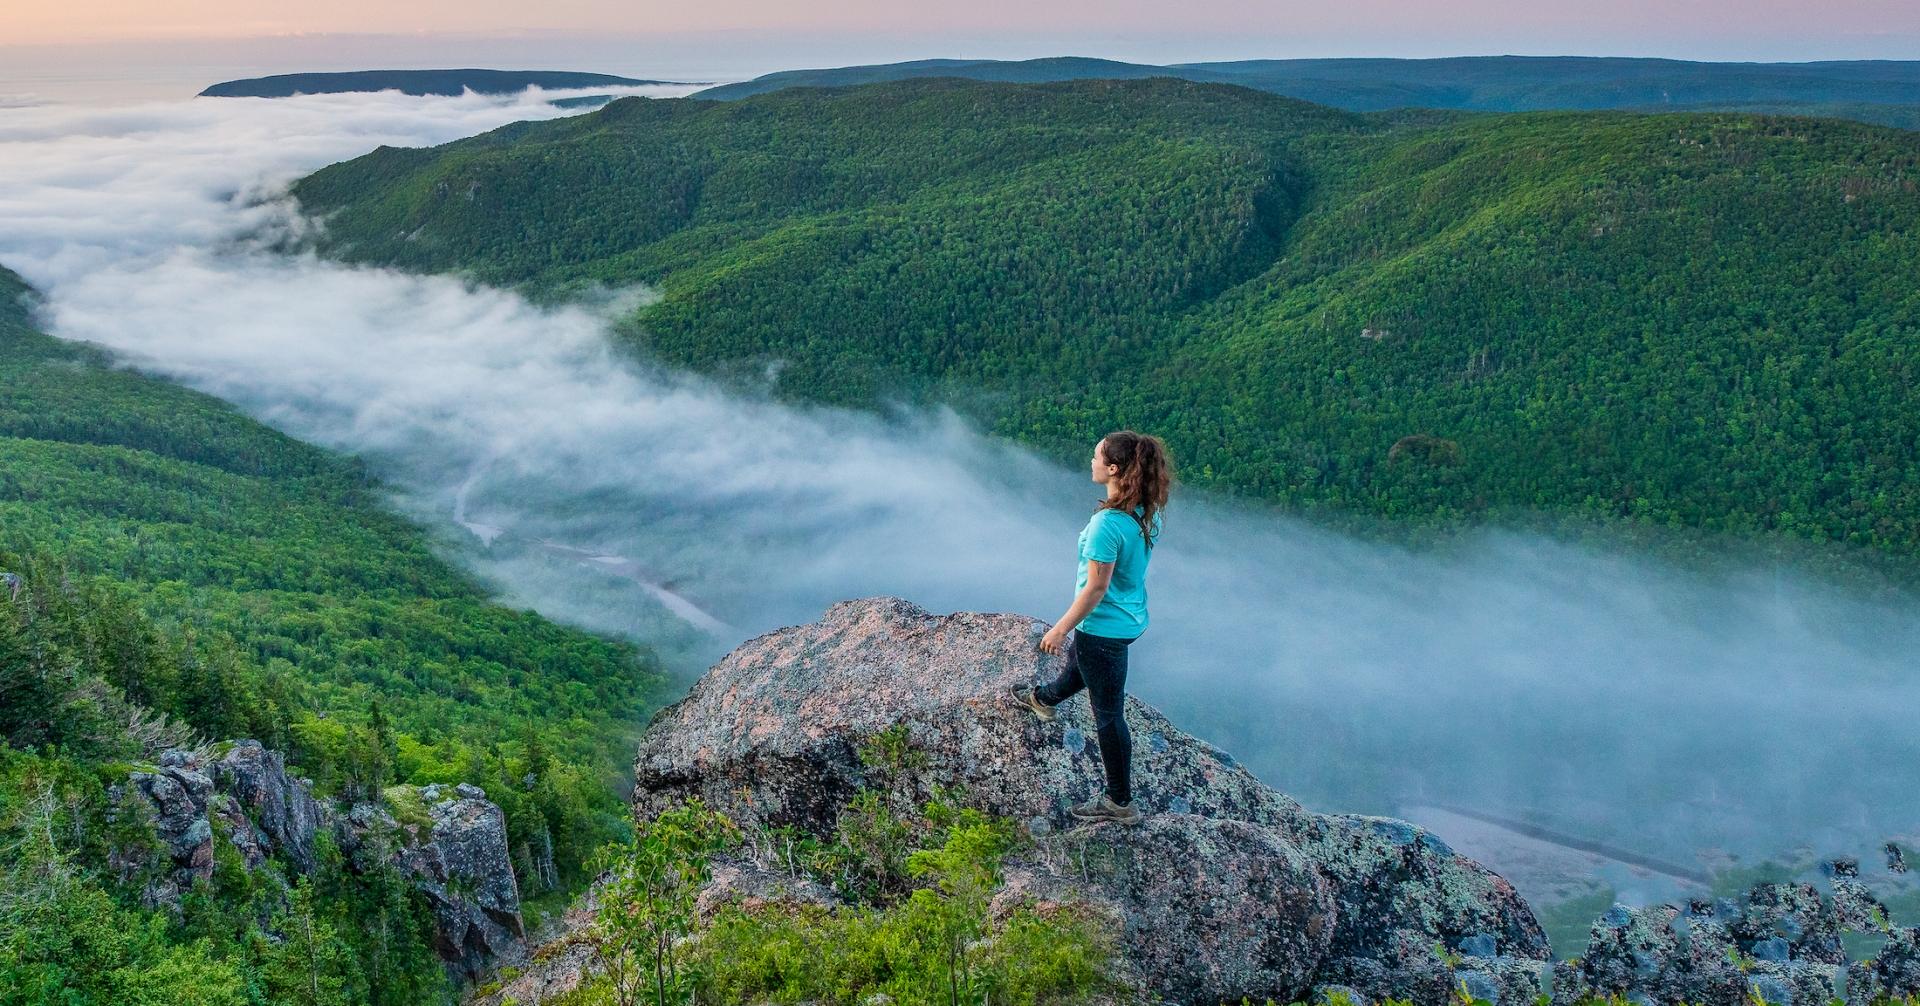 Cape Breton Highlands National Park 11